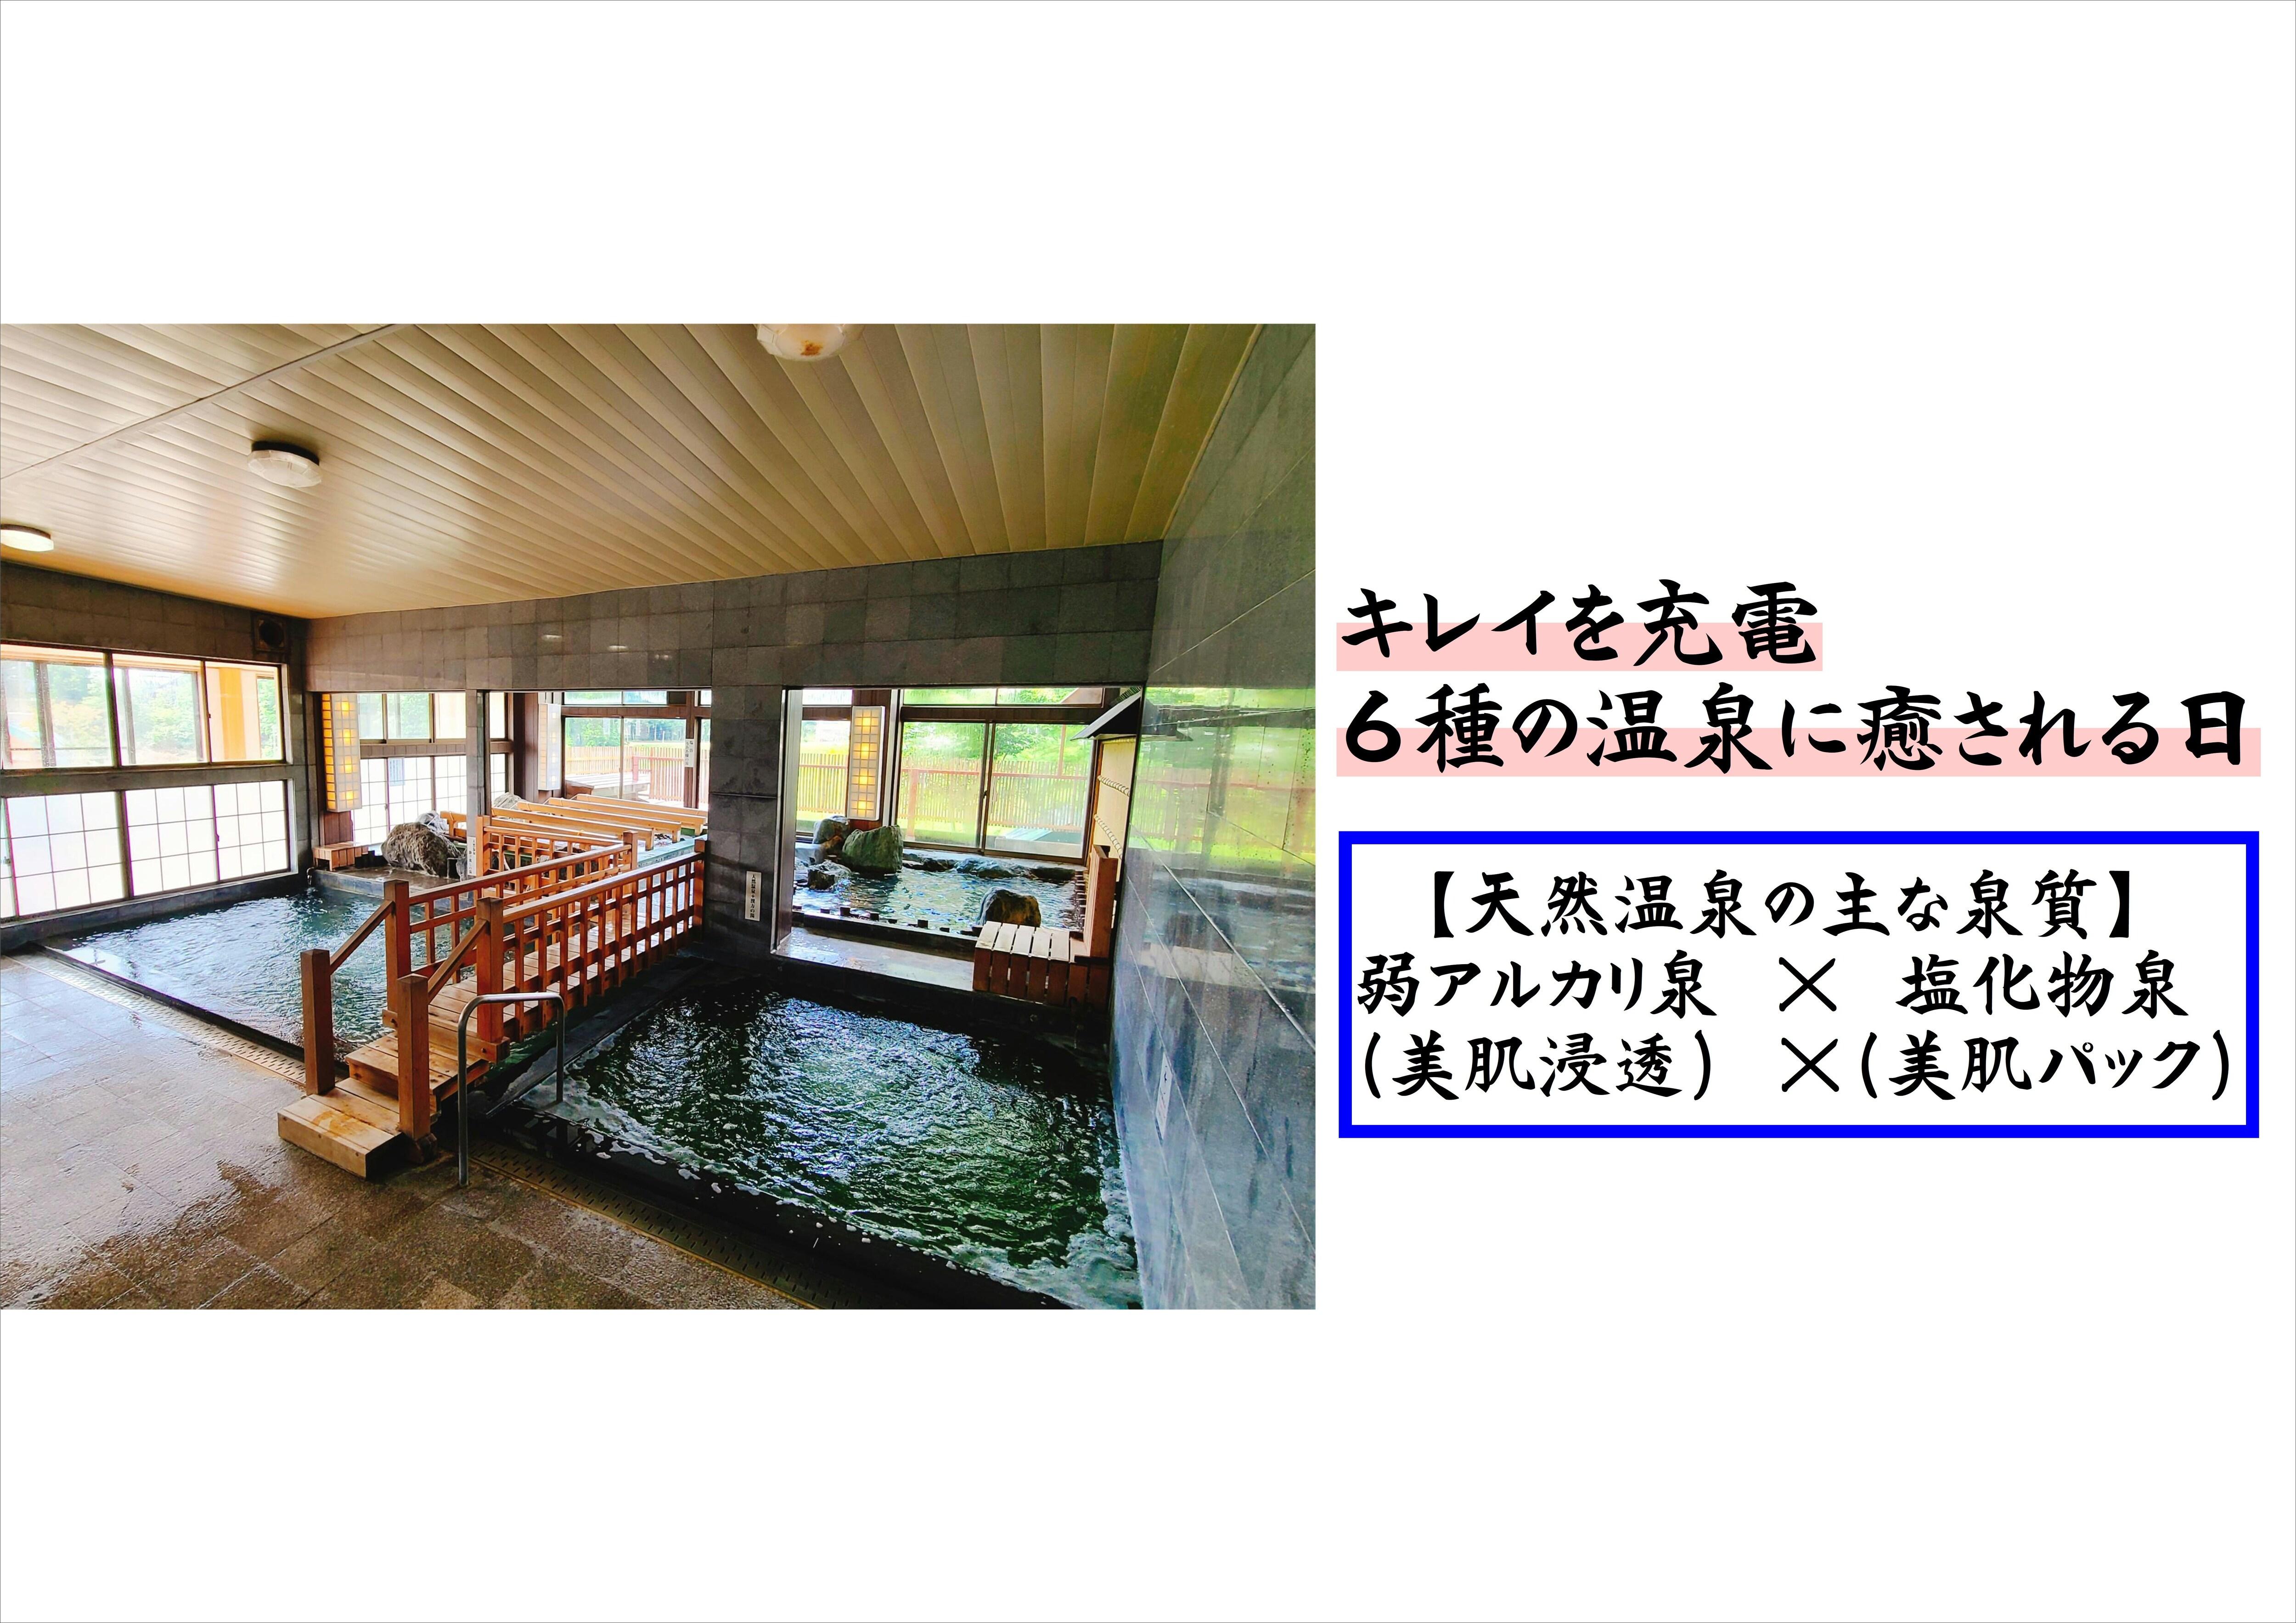 新潟県南魚沼市|ホテル&日帰り温泉 龍気